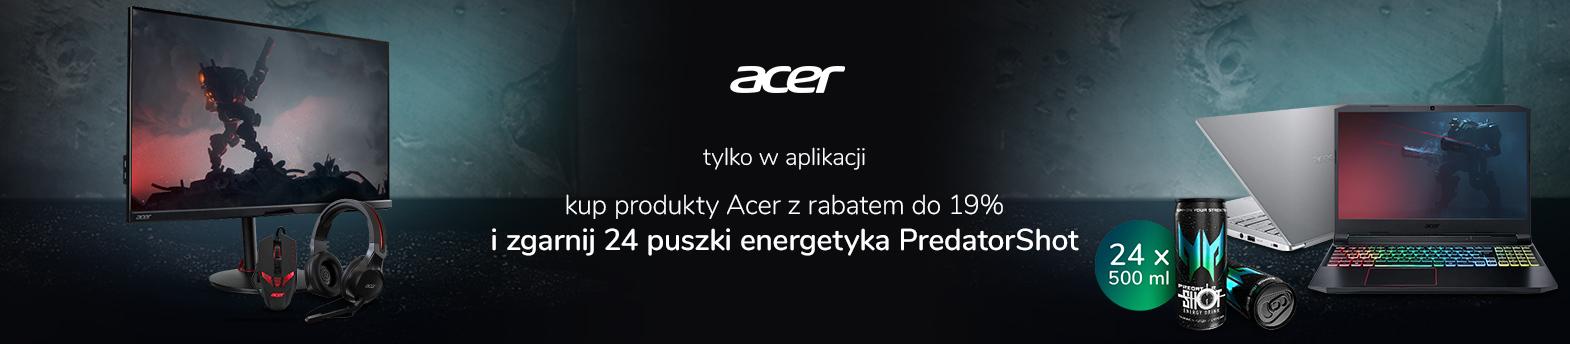 tylko w aplikacji – promocja Acer